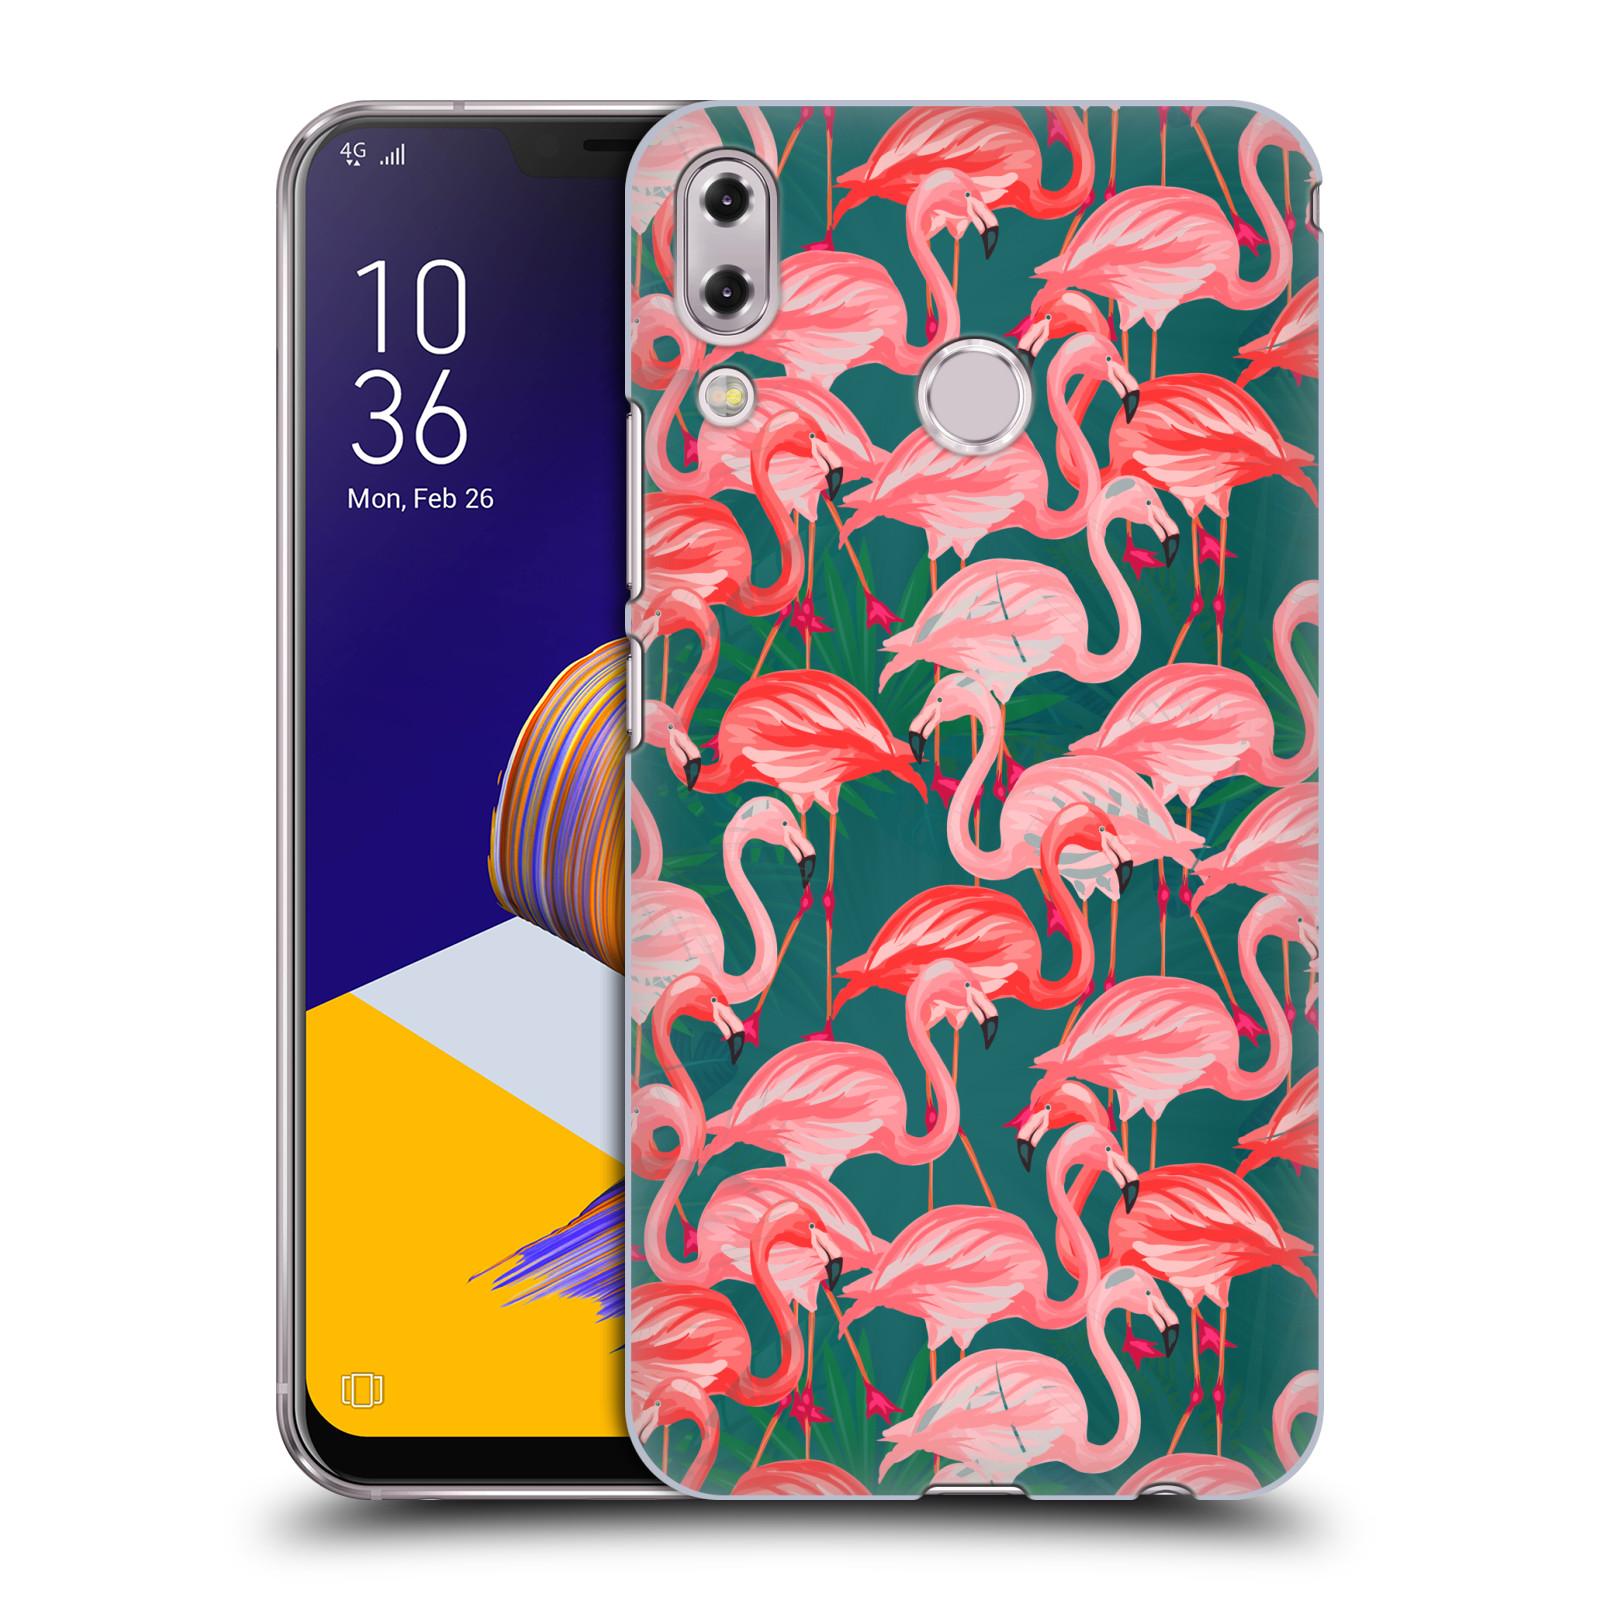 Plastové pouzdro na mobil Asus Zenfone 5z ZS620KL - Head Case - Plameňáci (Plastový kryt či obal na mobilní telefon Asus Zenfone 5z (ZS620KL) s motivem Plameňáci)